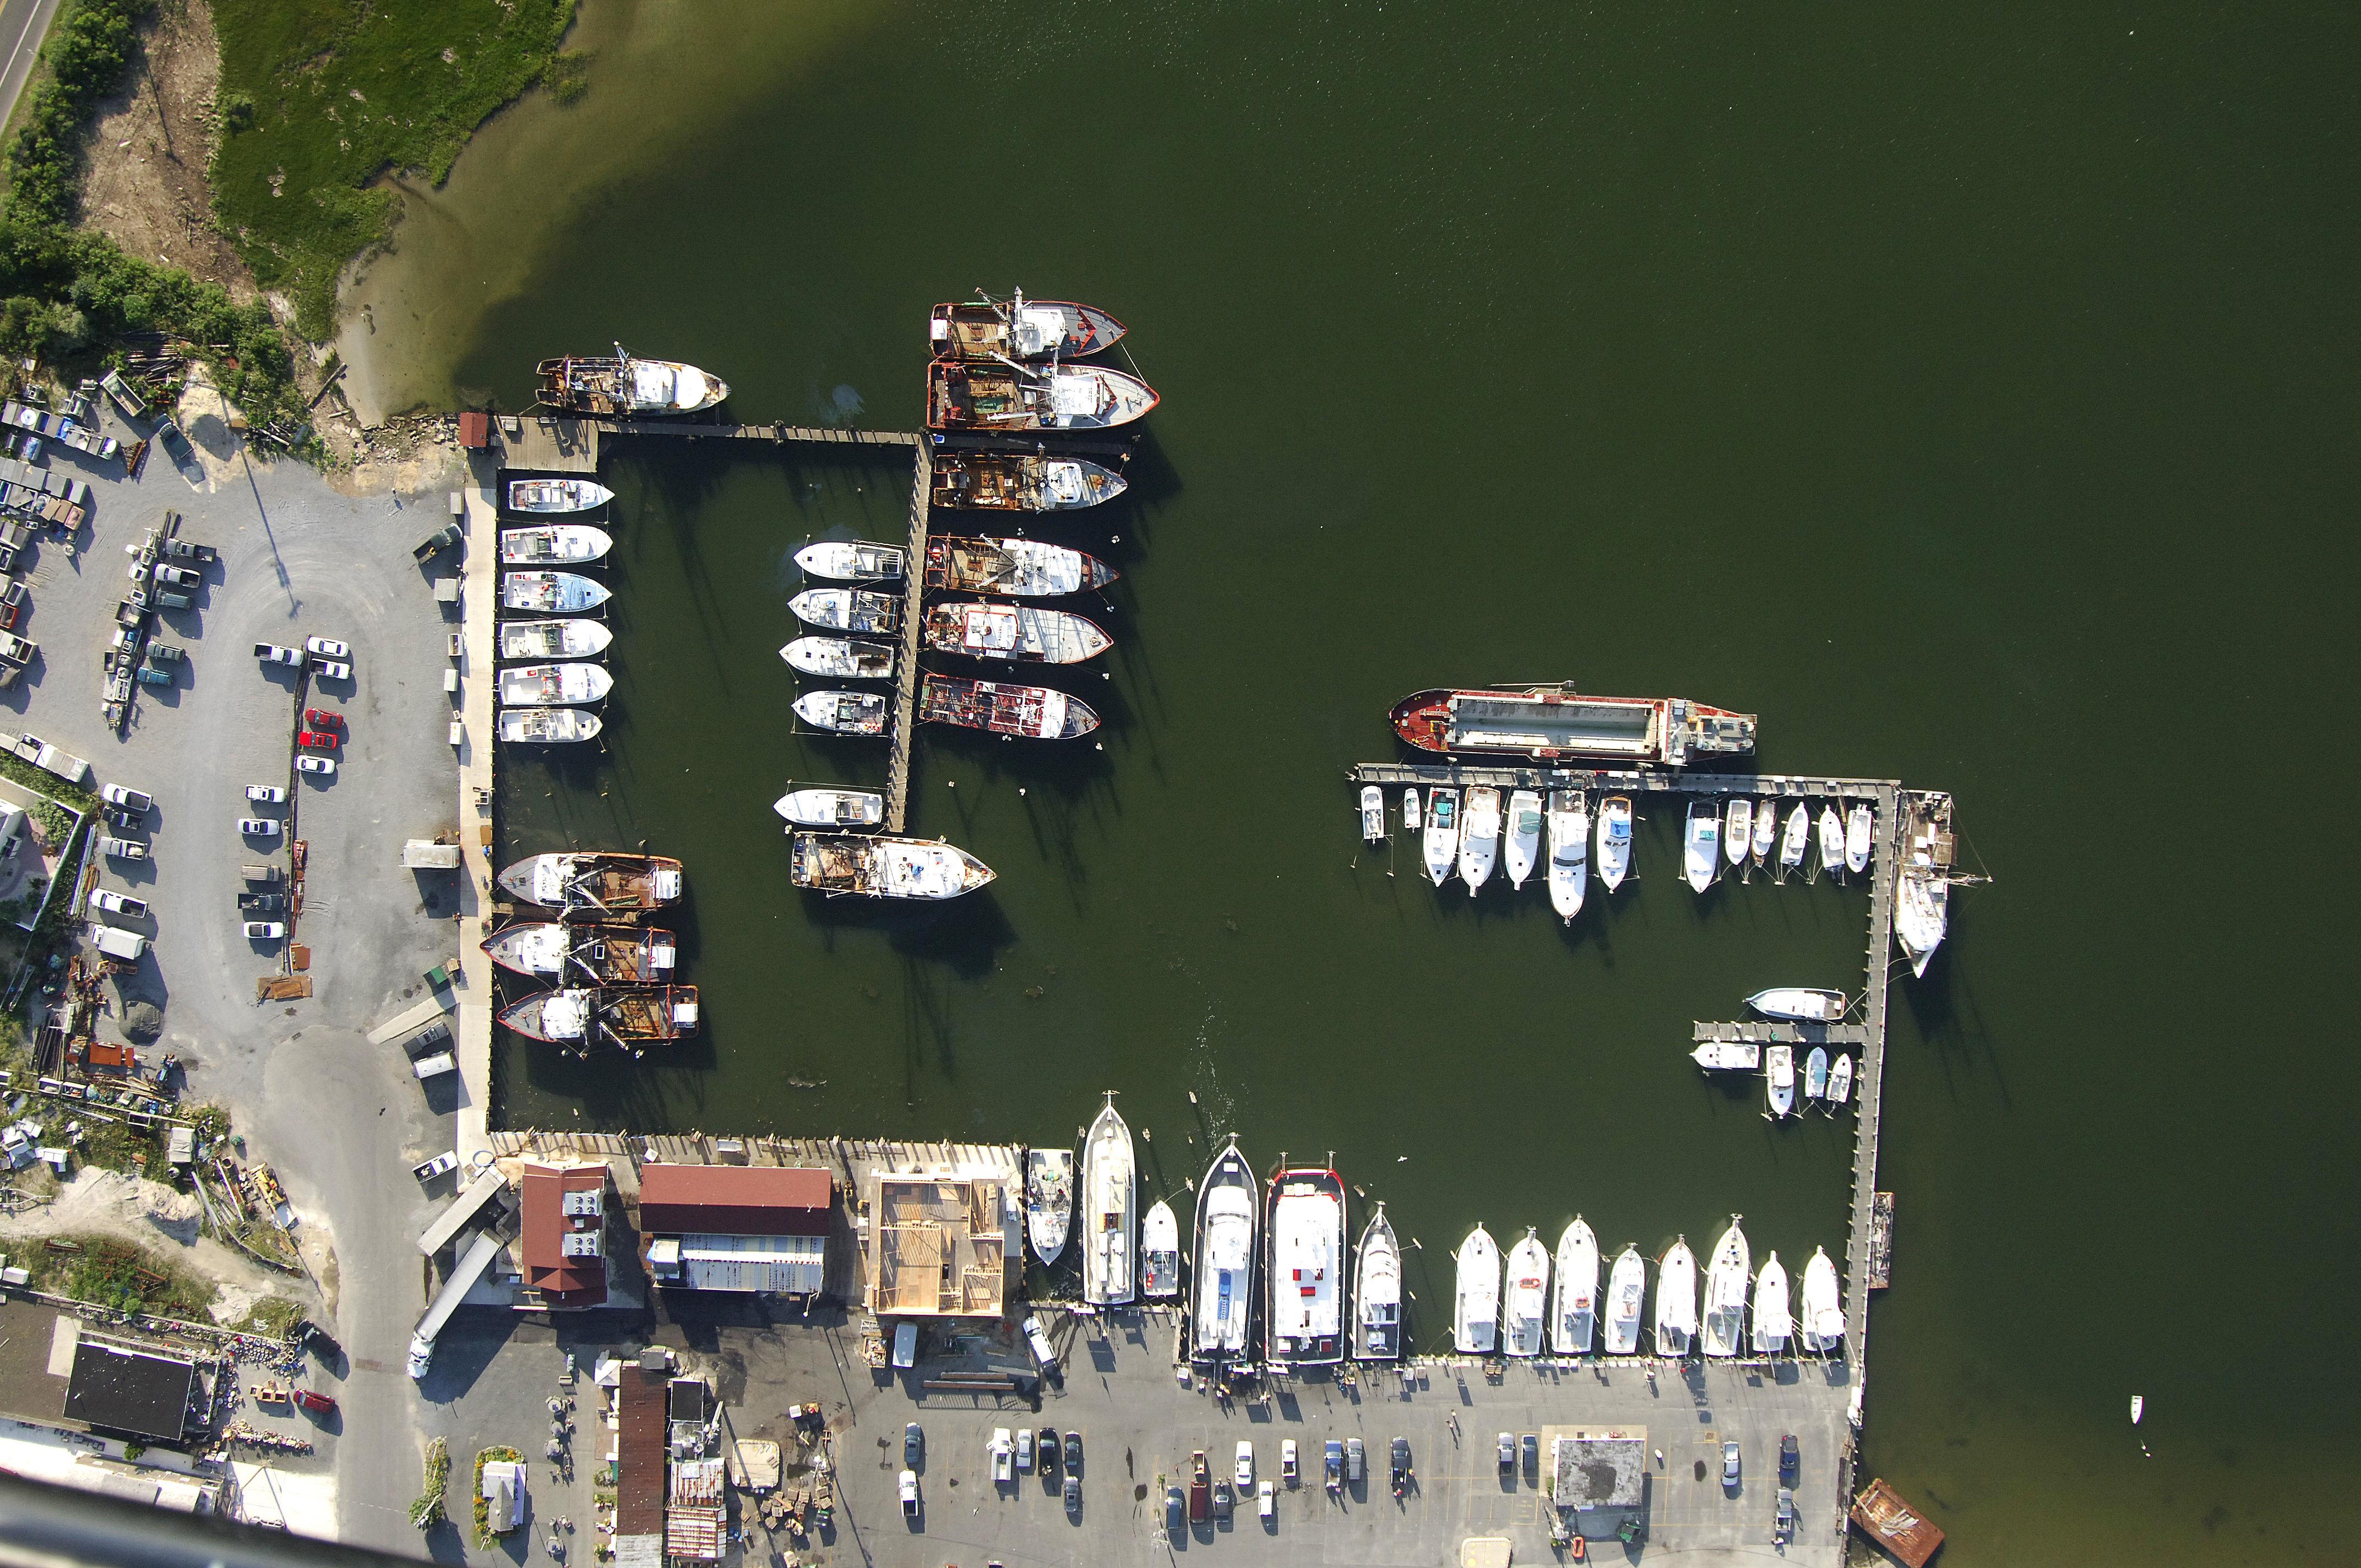 Barnegat Light Yacht Basin in Barnegat Light NJ United States